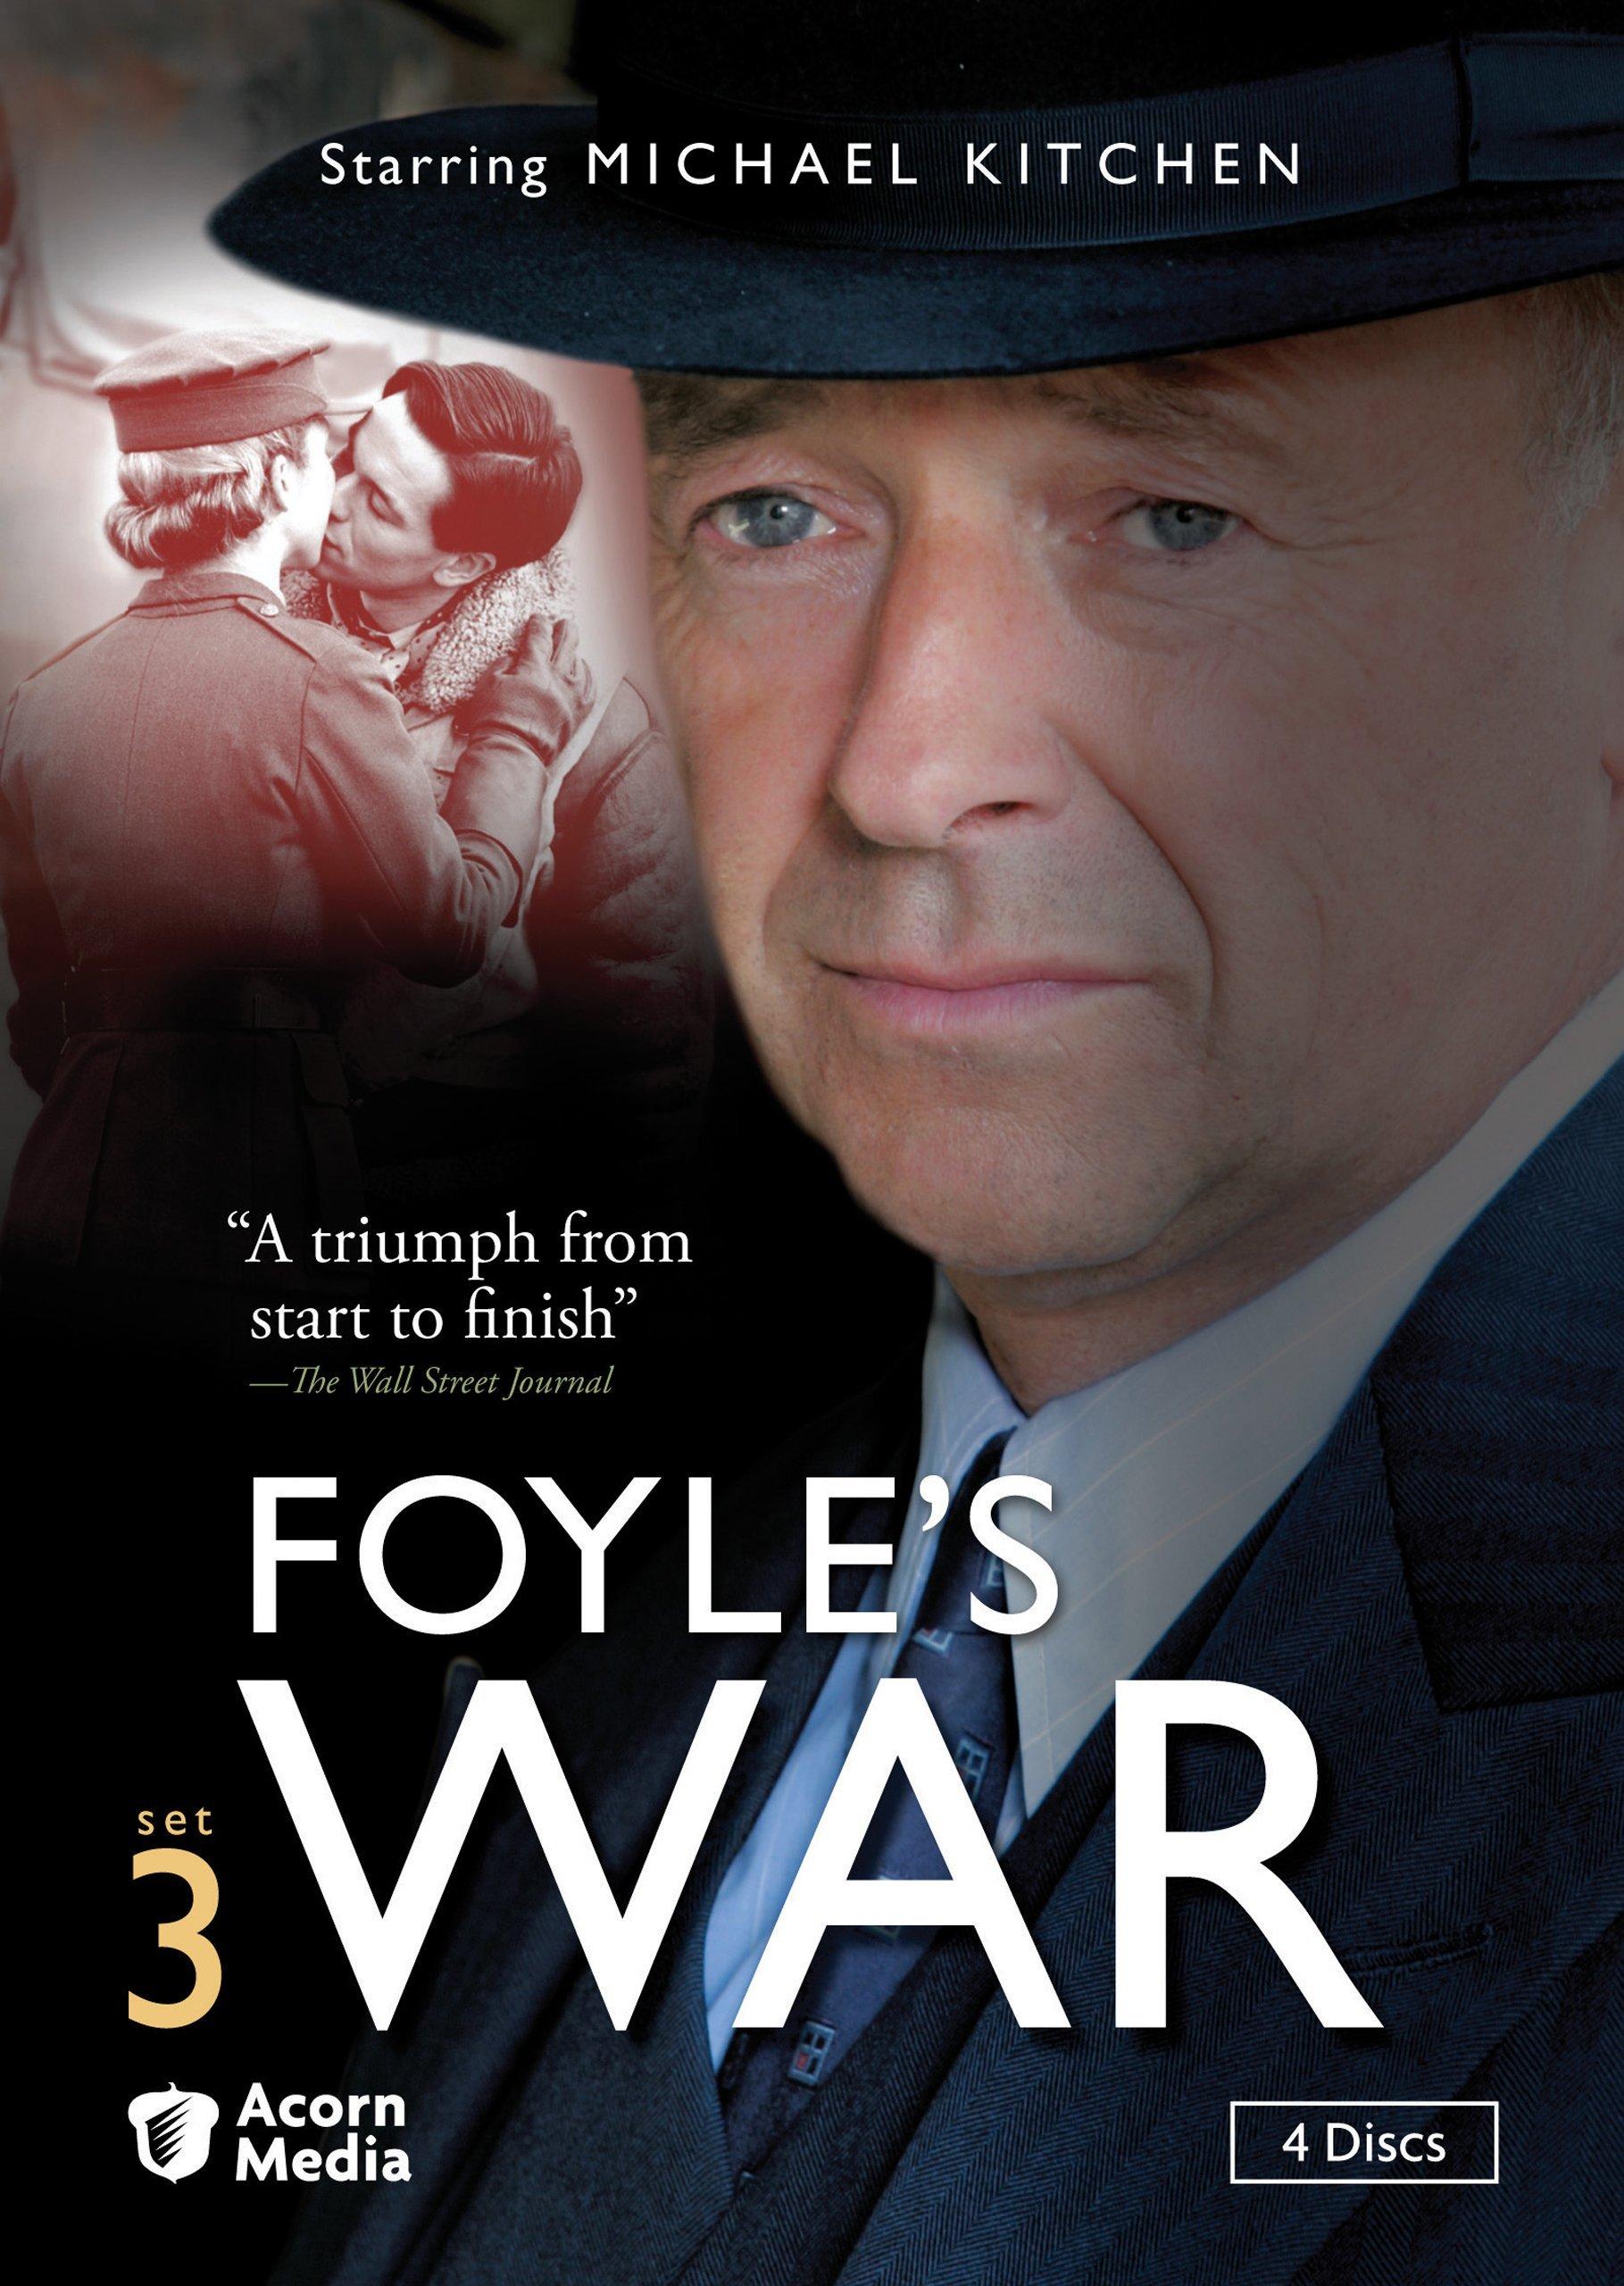 DVD : Foyle's War: Set 3 (Boxed Set, 4PC)